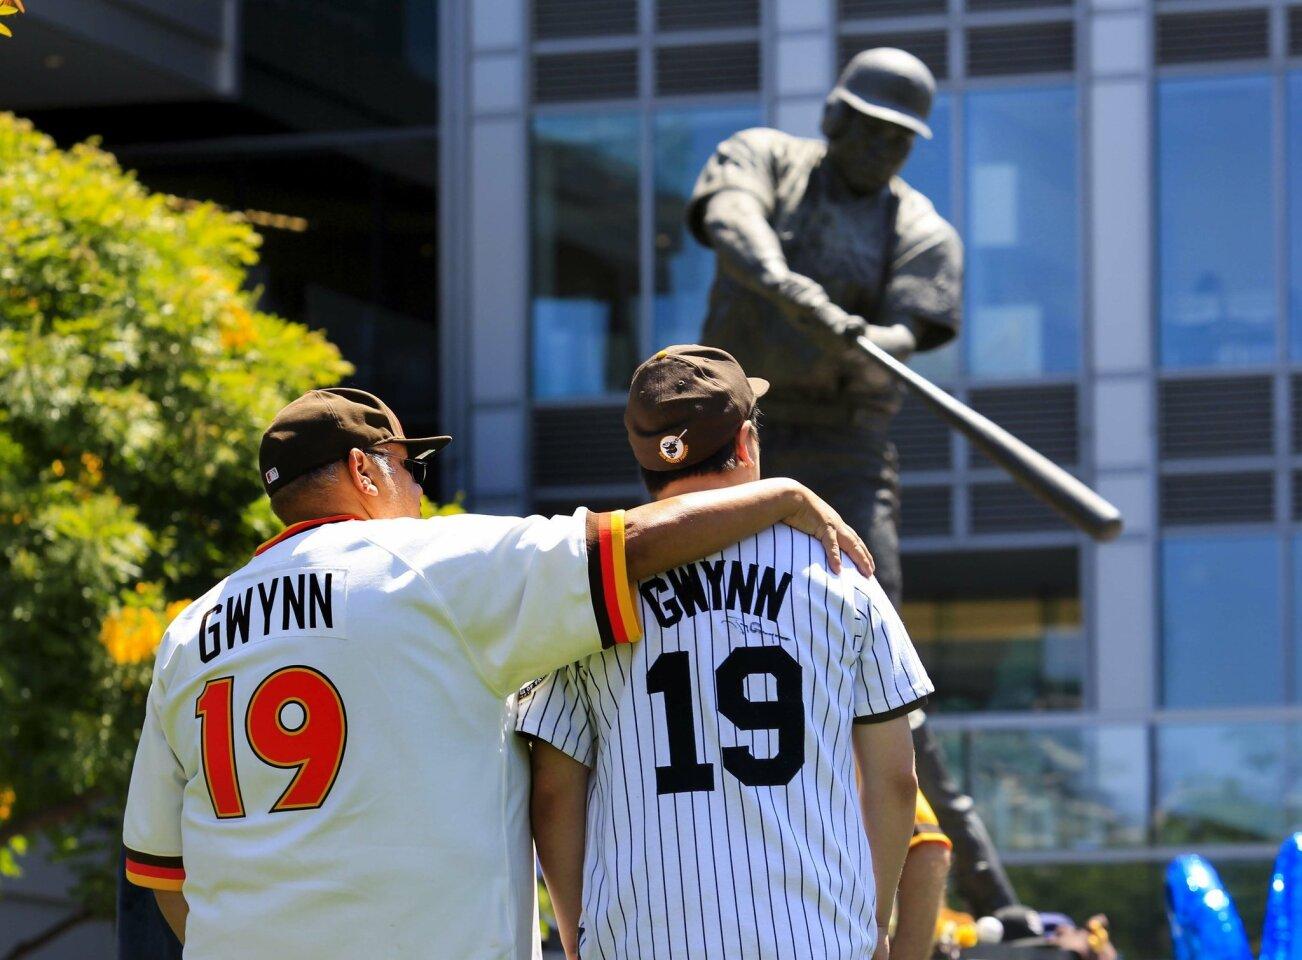 Fans mourn Tony Gwynn